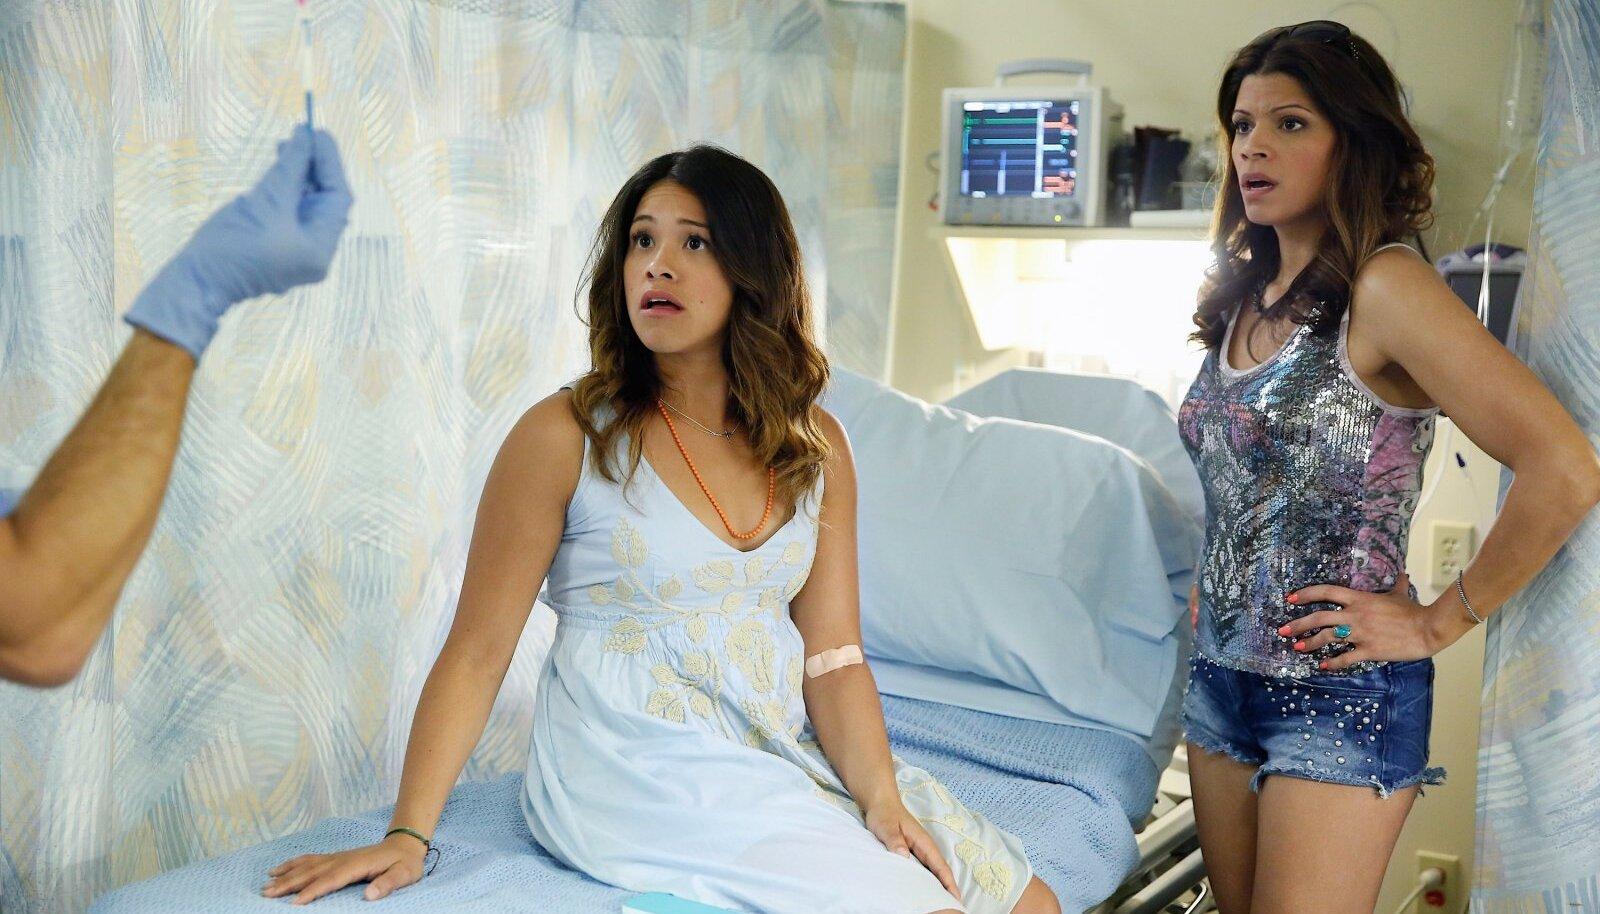 """SEEBIKAS: Auhinnatud telenovela """"Jane the Virgin"""" nimikangelane Jane koos ema Xiomaraga. Mõlemad on tublilt progressiivsed."""